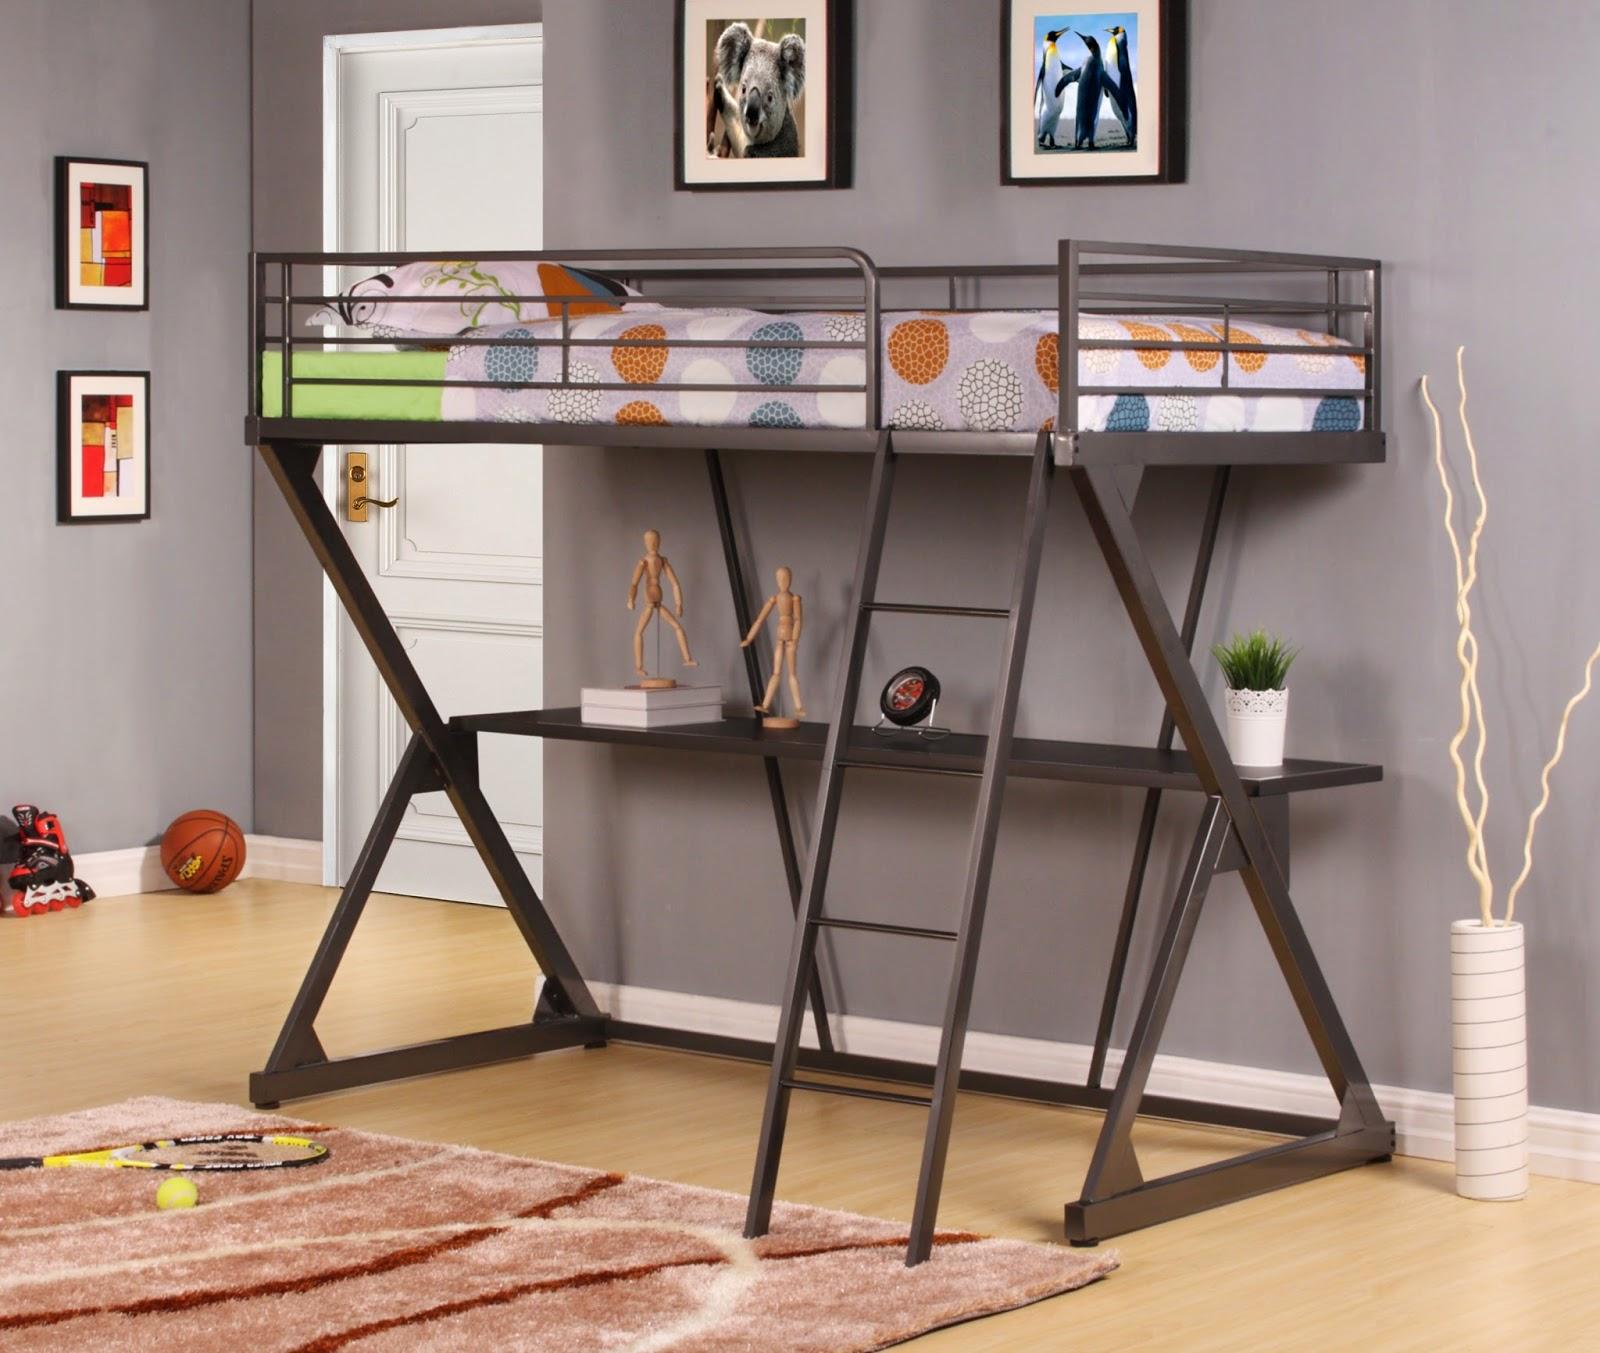 Kalea el dormitorio en el regreso a clases for Muebles de oficina kalea